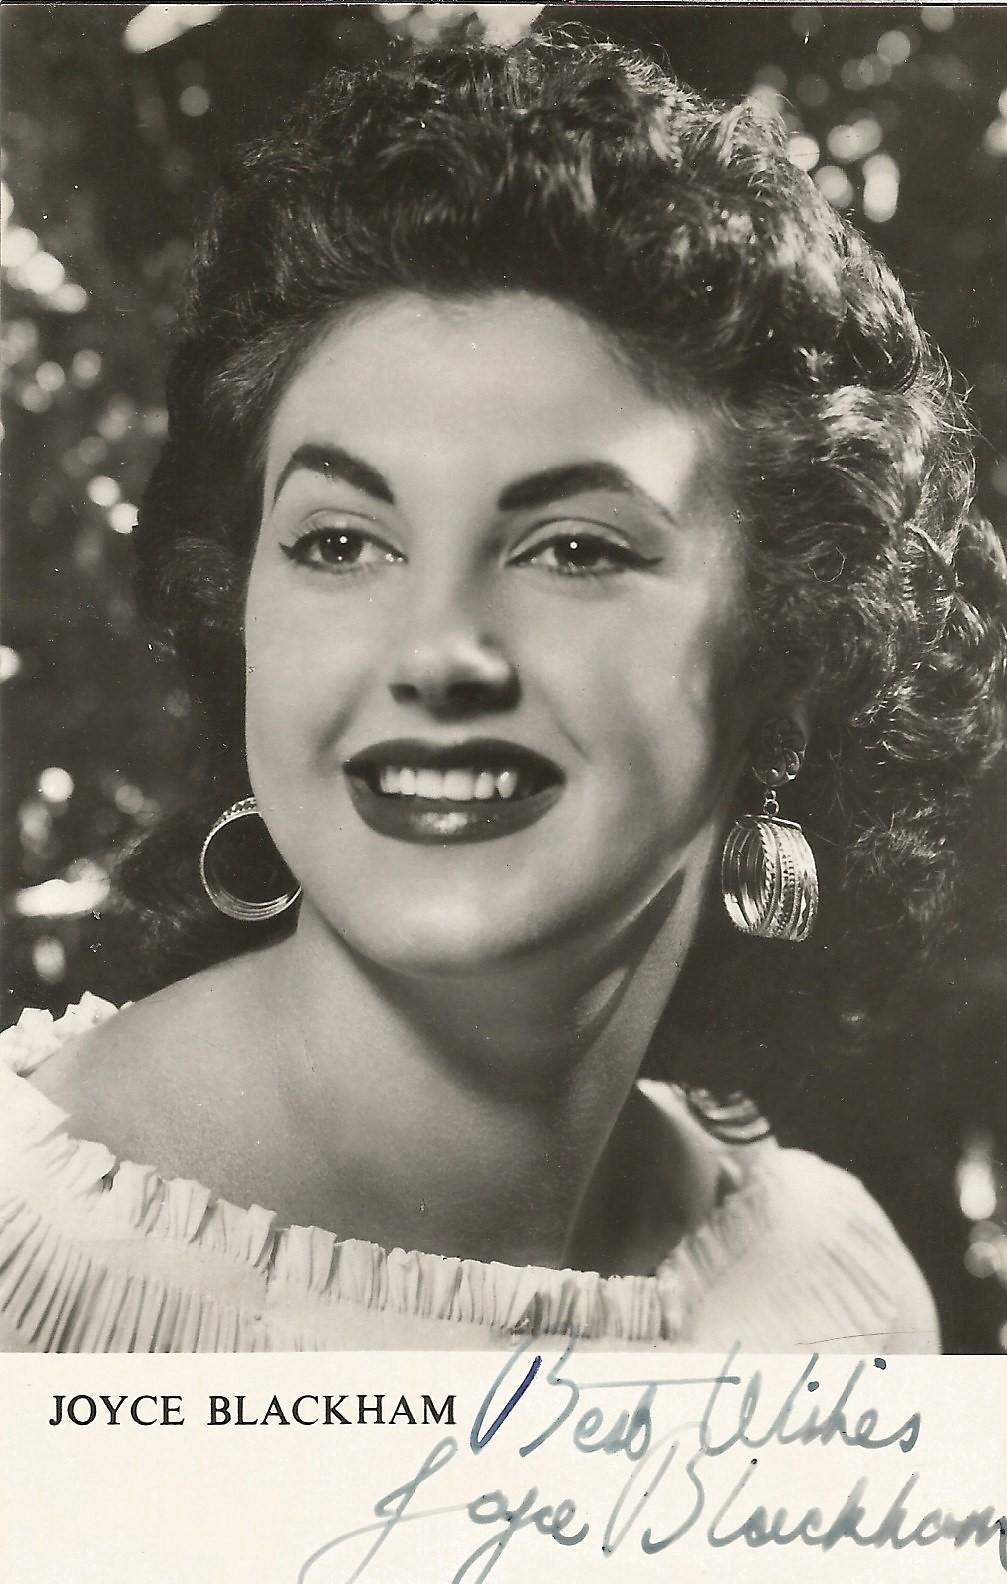 Joyce Blackham signed 5.5x3.5 black and white photo. Joyce Blackham (1 January 1934 - 4 June 2018)